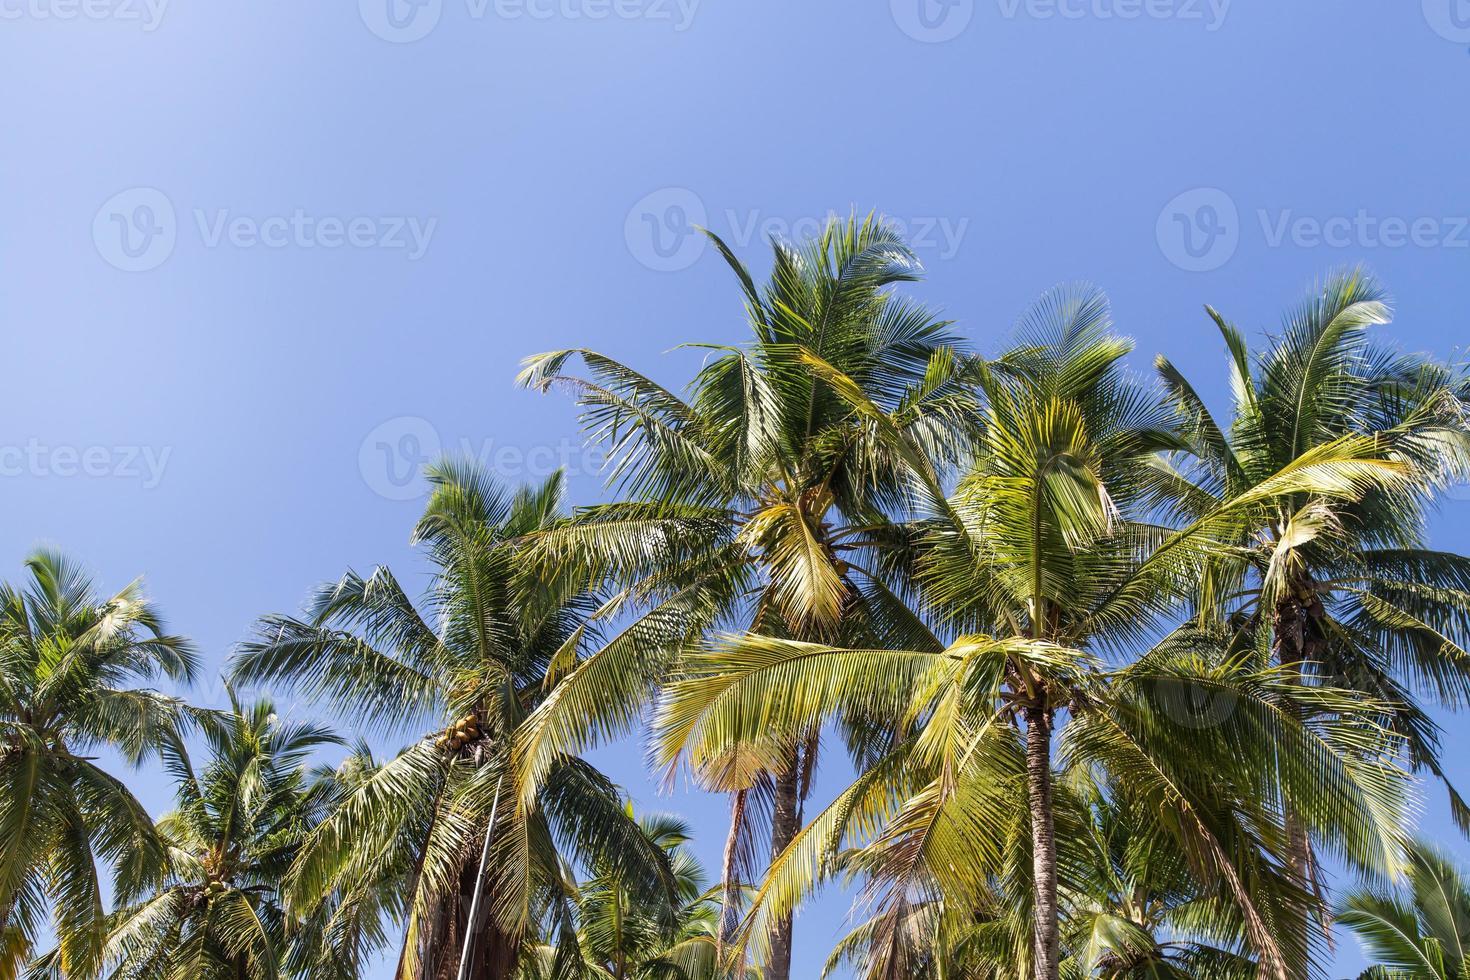 palmträd med kokosnöt under blå himmel foto